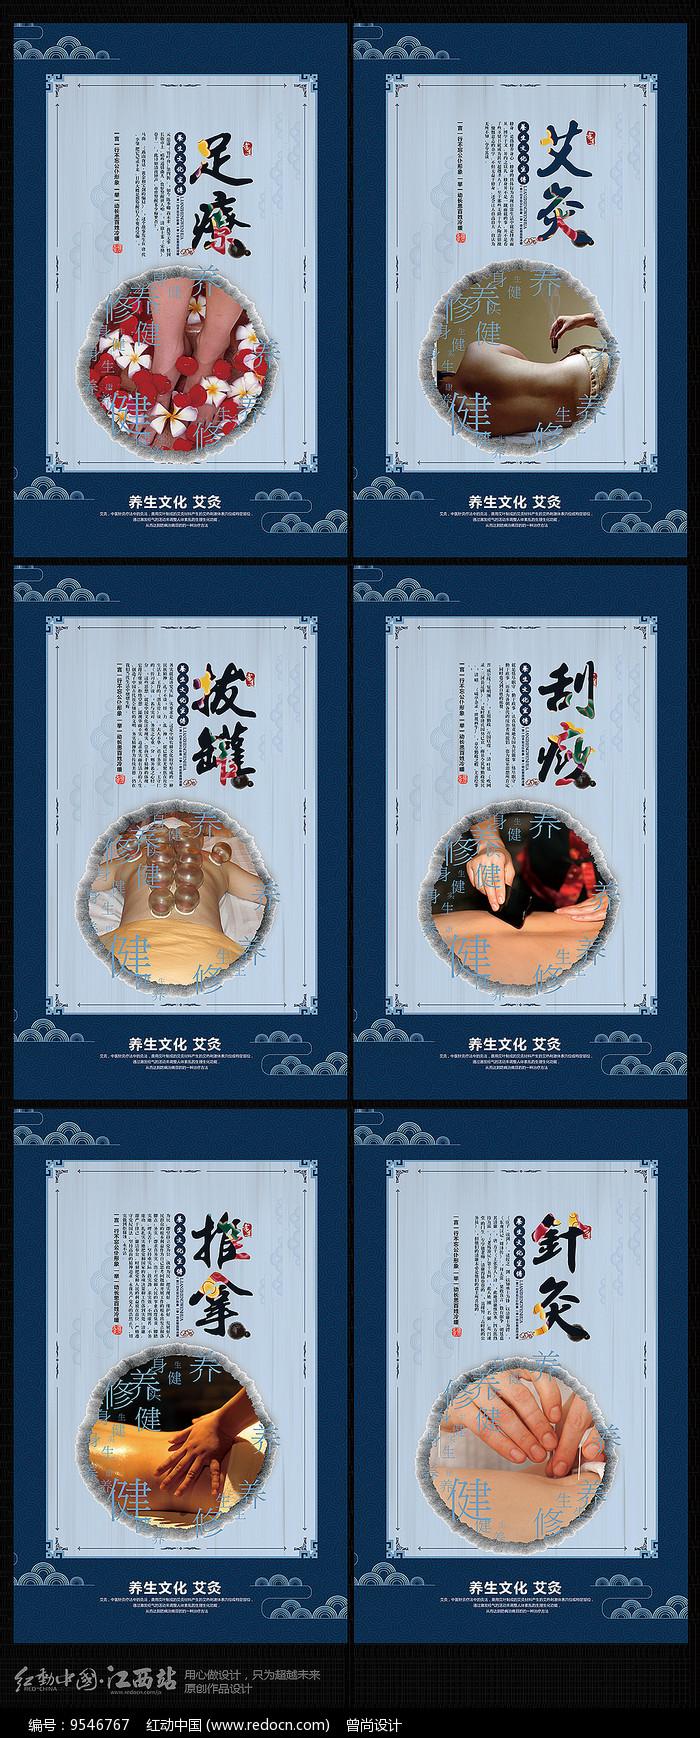 简约中国风中医经络养生展板图片